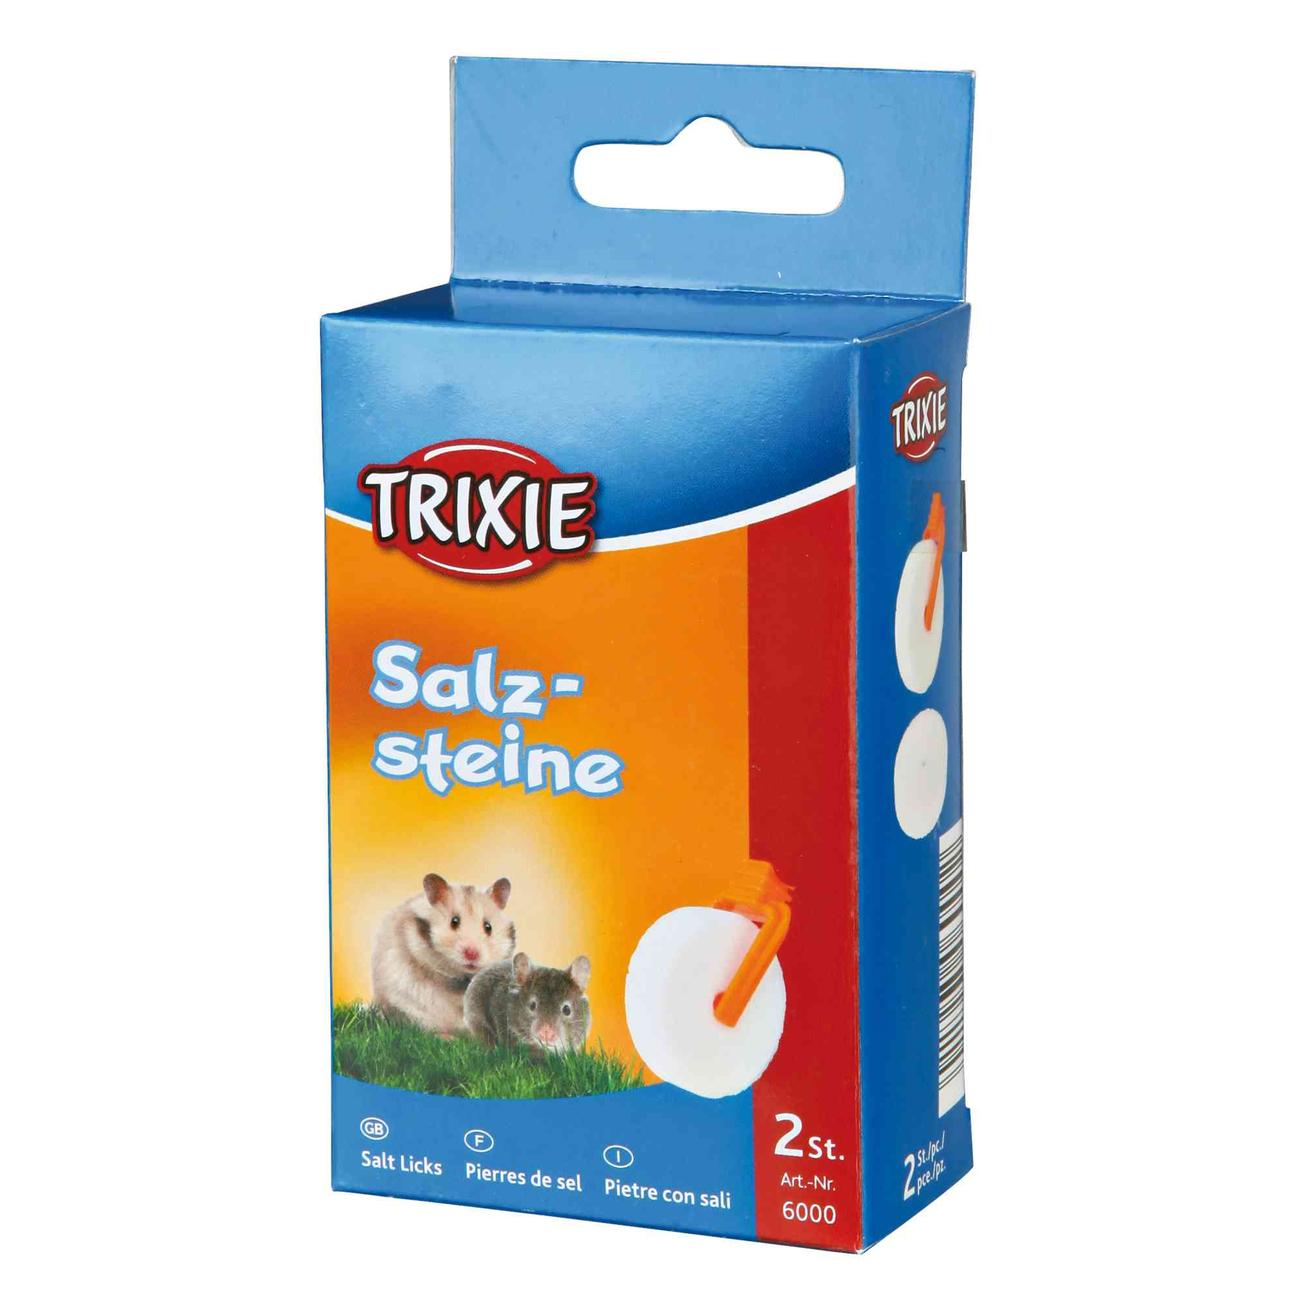 Trixie Salzstein Mineralstein mit Halter für Hamster und Mäuse, 2x54g für z. B. Hamster, Mäuse